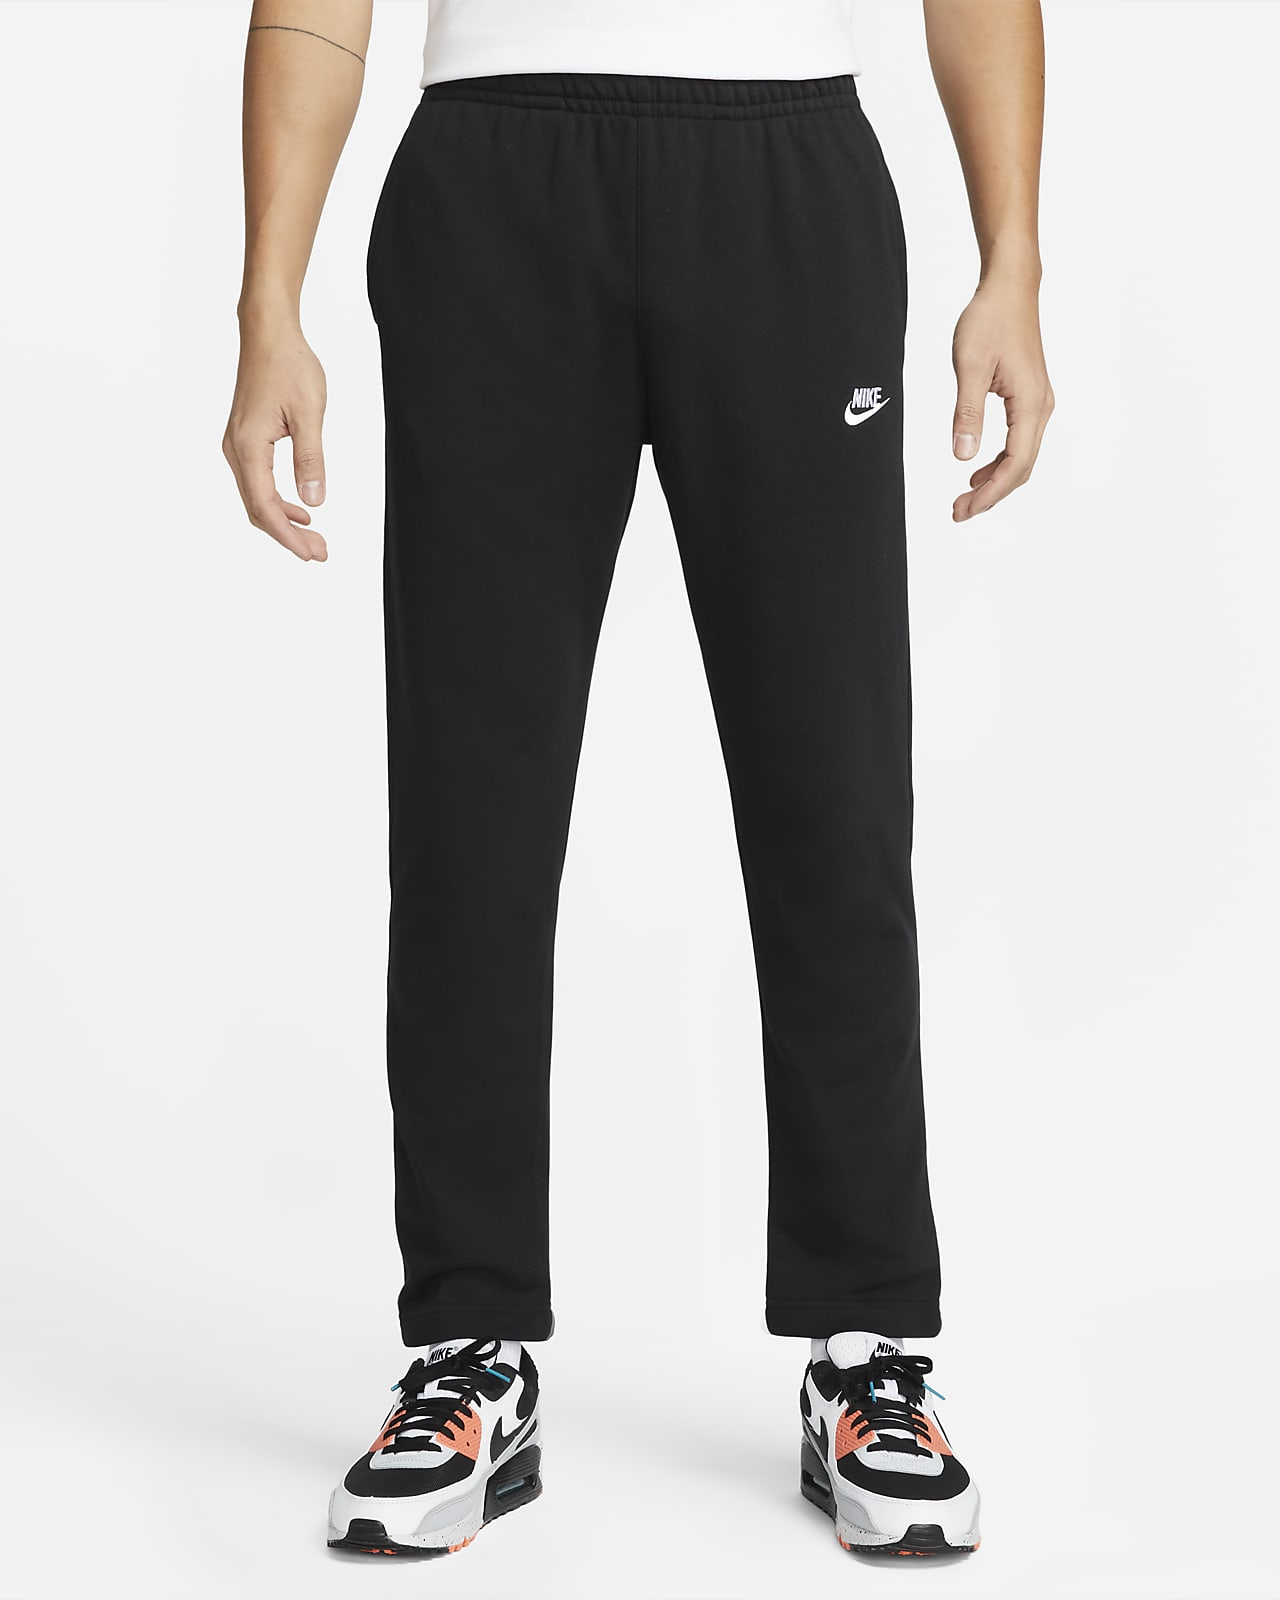 กางเกงเฟรนช์เทรีผู้ชาย Nike Sportswear Club